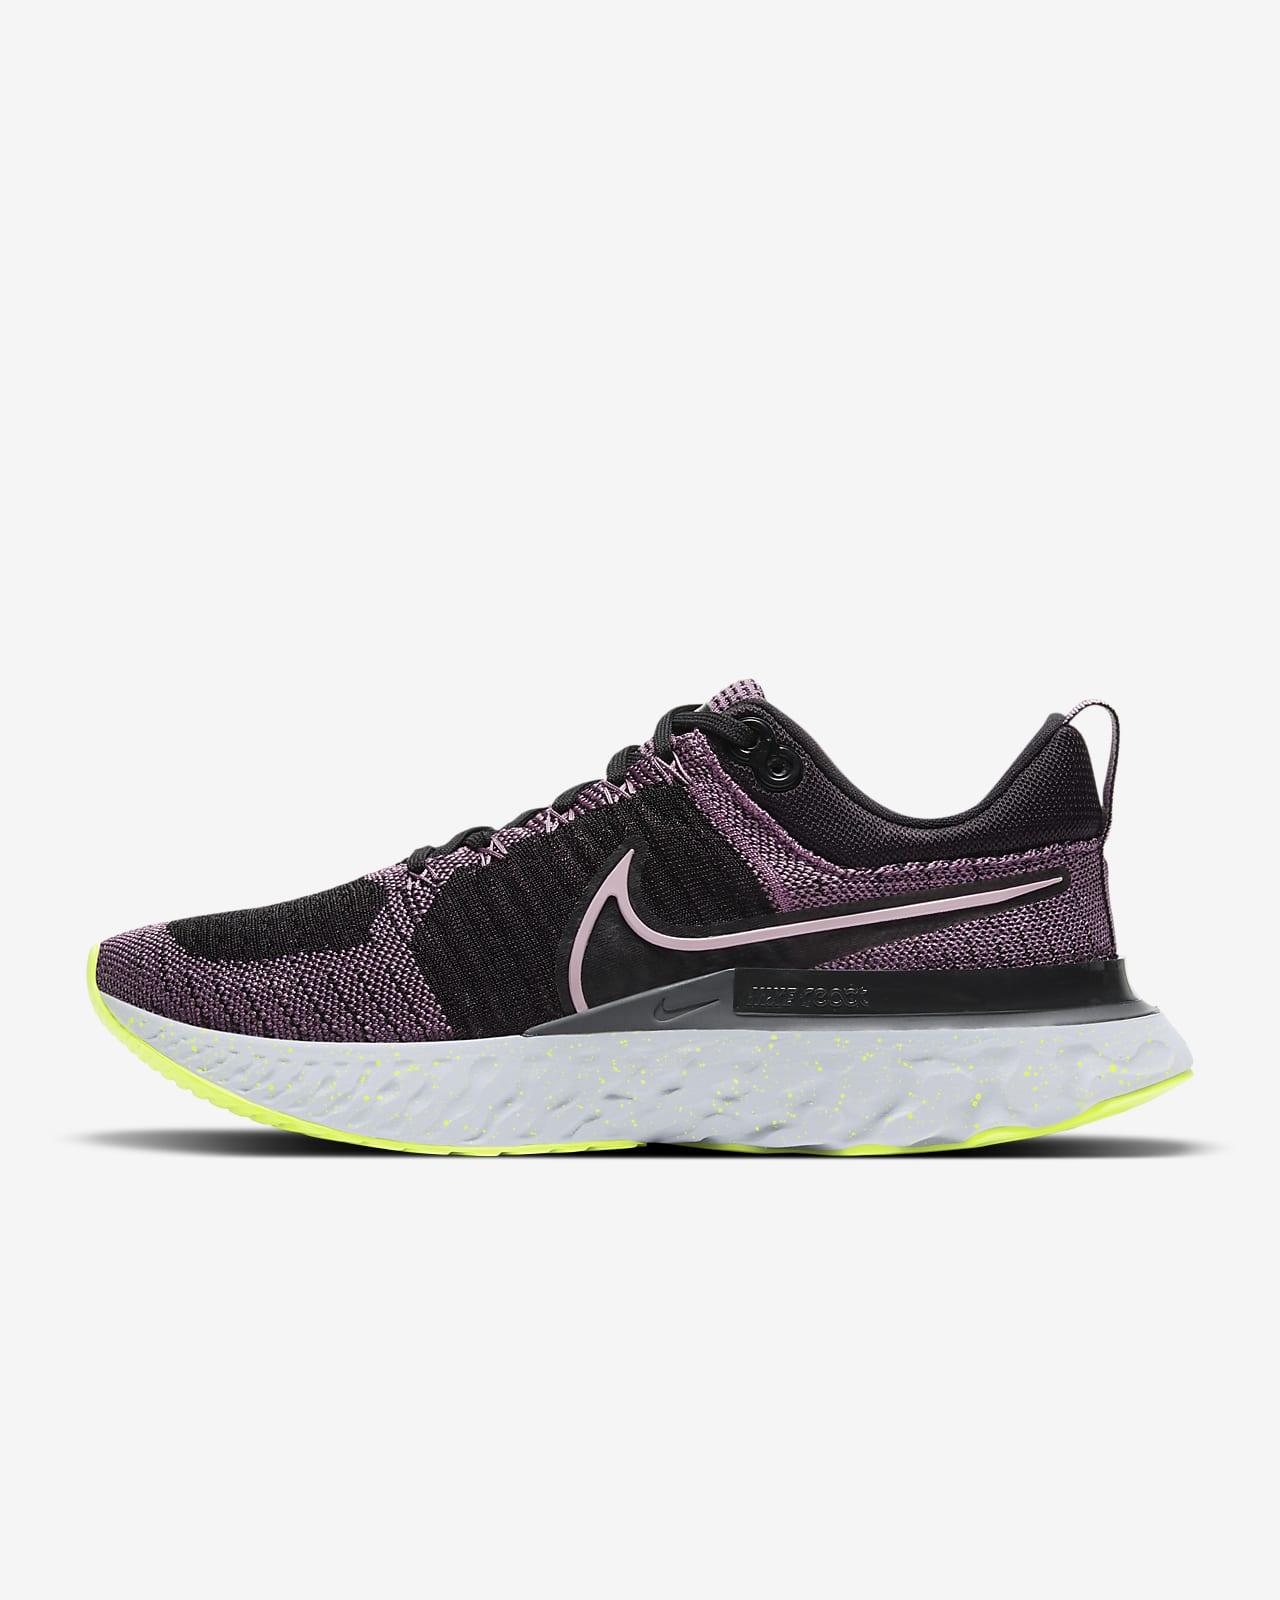 Γυναικείο παπούτσι για τρέξιμο Nike React Infinity Run Flyknit 2